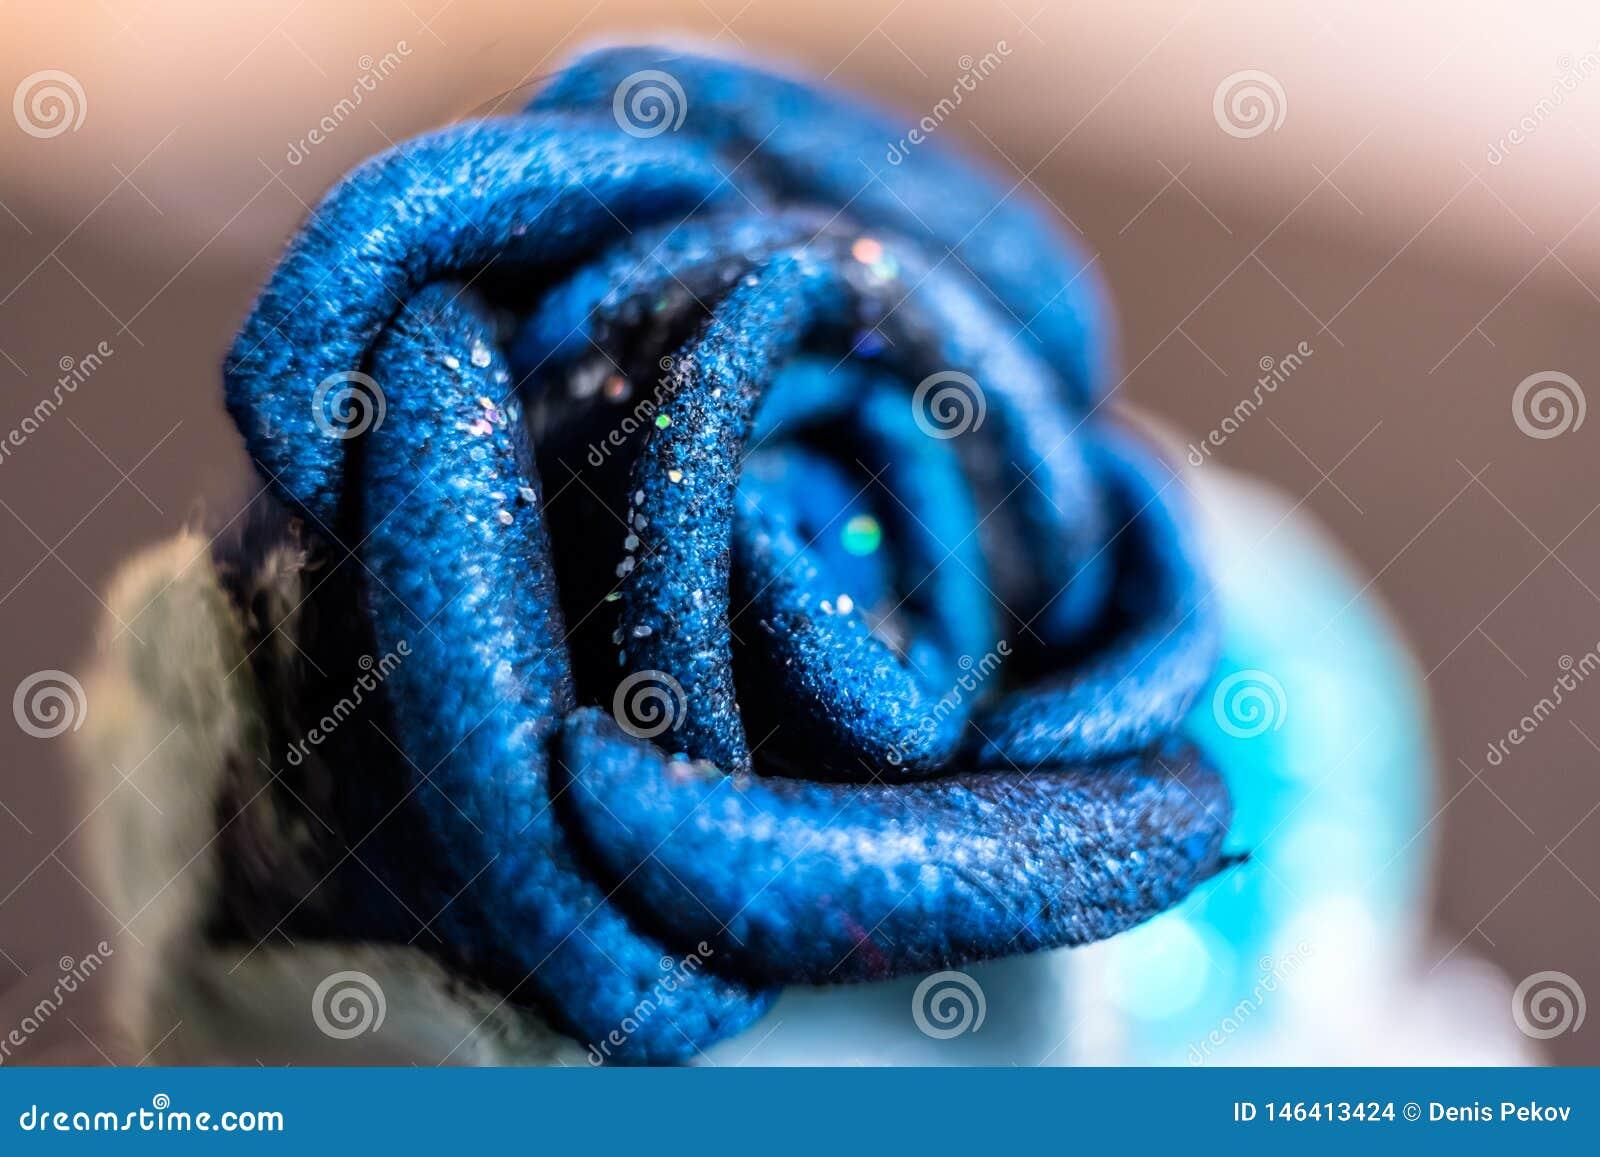 Fiore artificiale, macro foto